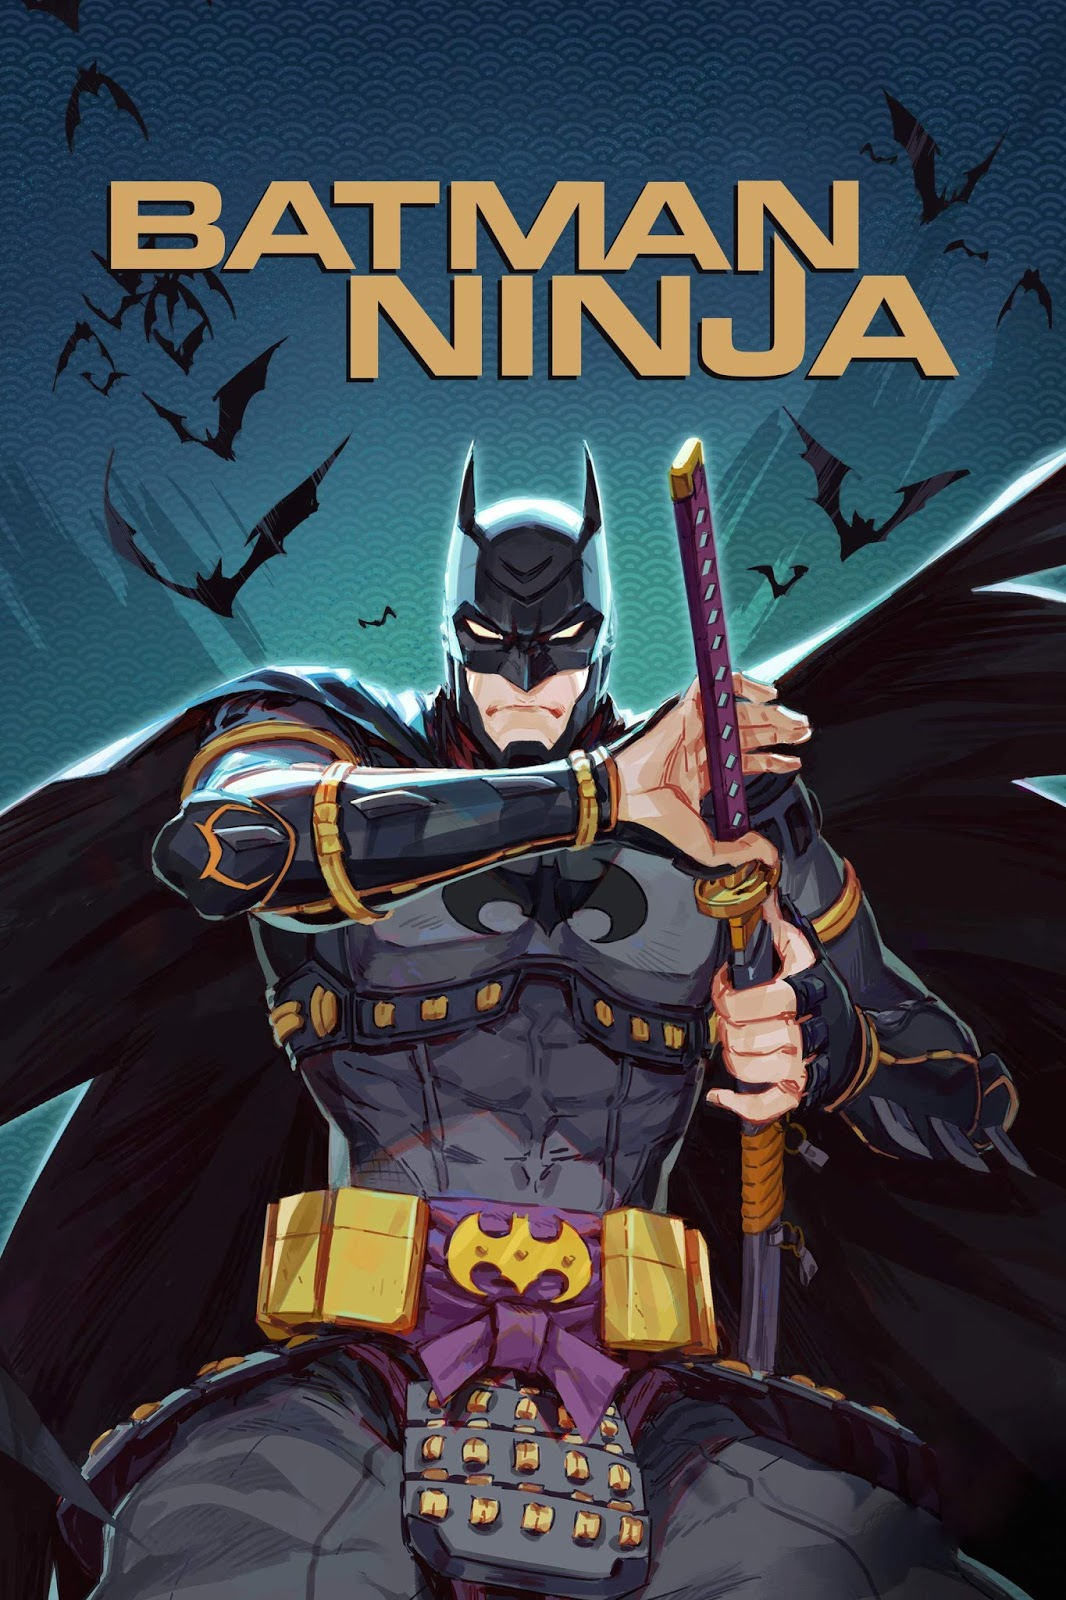 Batman Ninja 2018 - Dublado